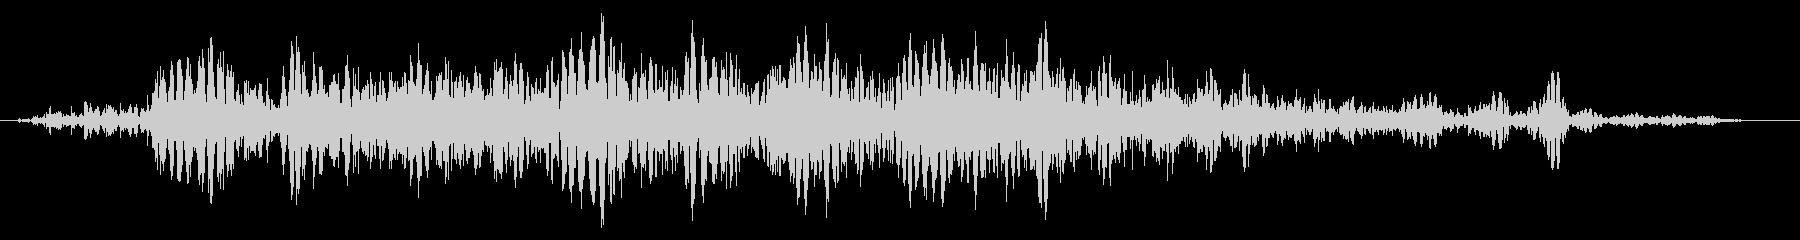 スライムなどが蠢く音 タイプC#6の未再生の波形